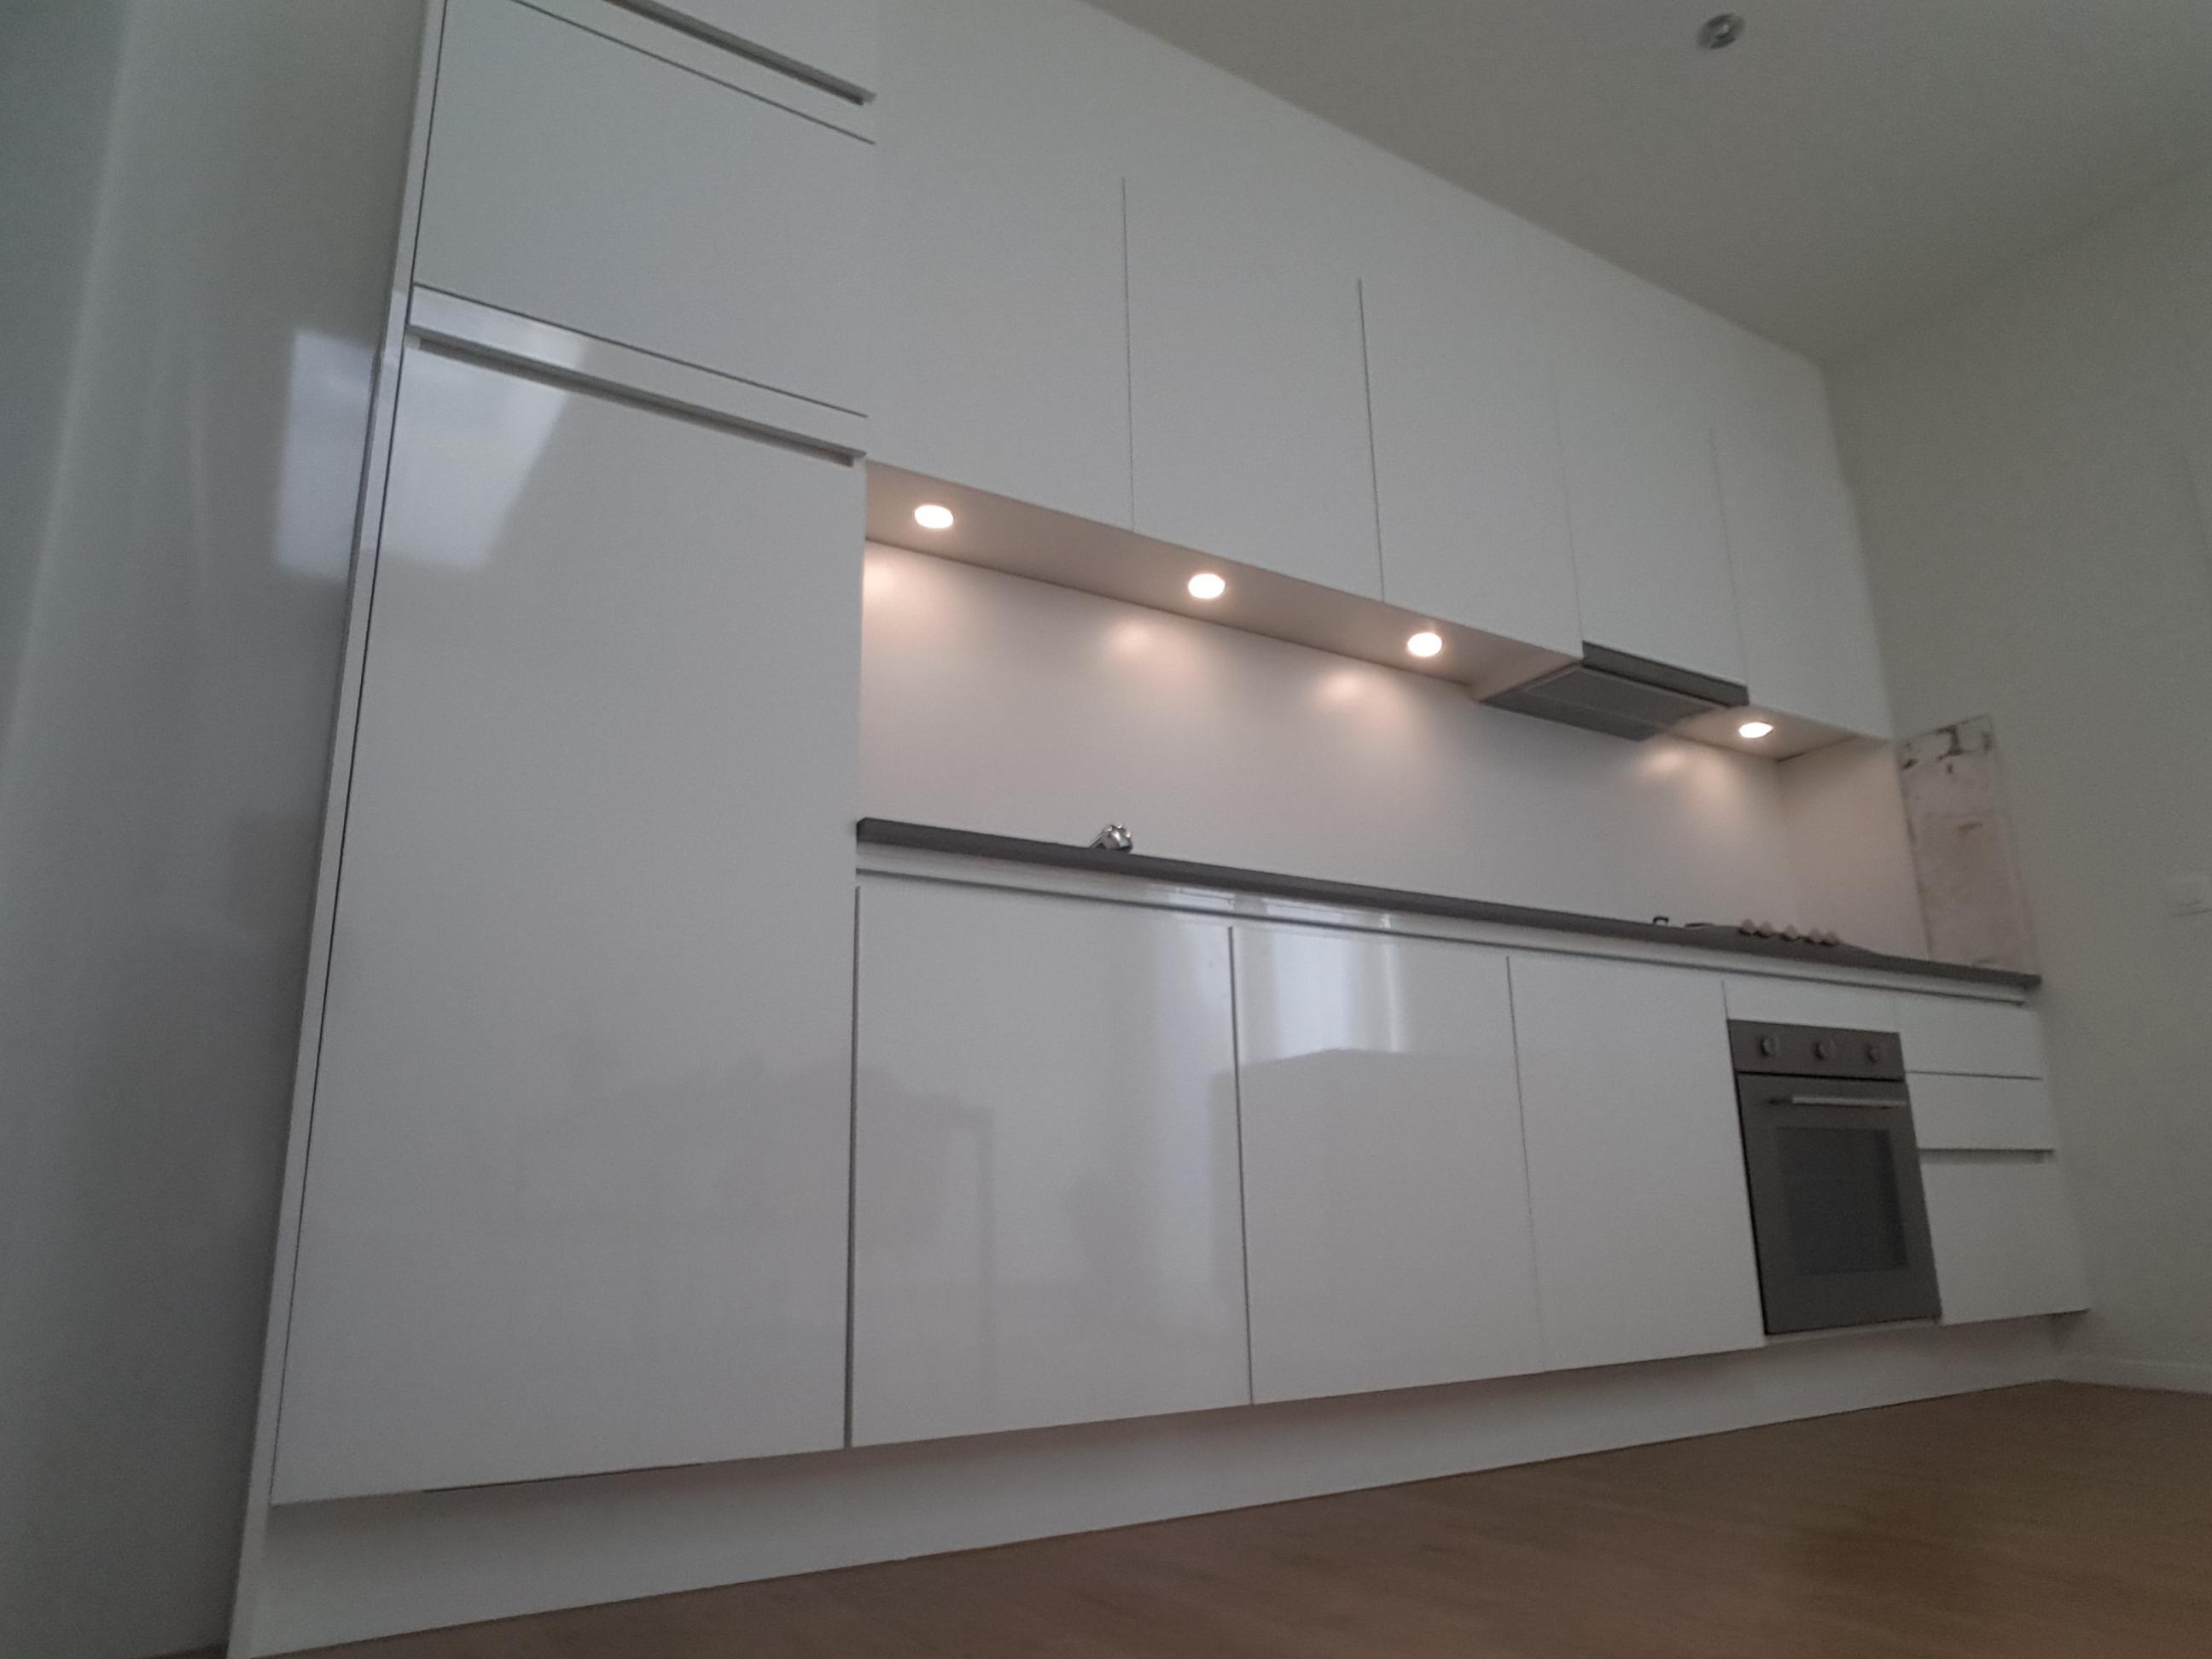 Keuken remodelatie